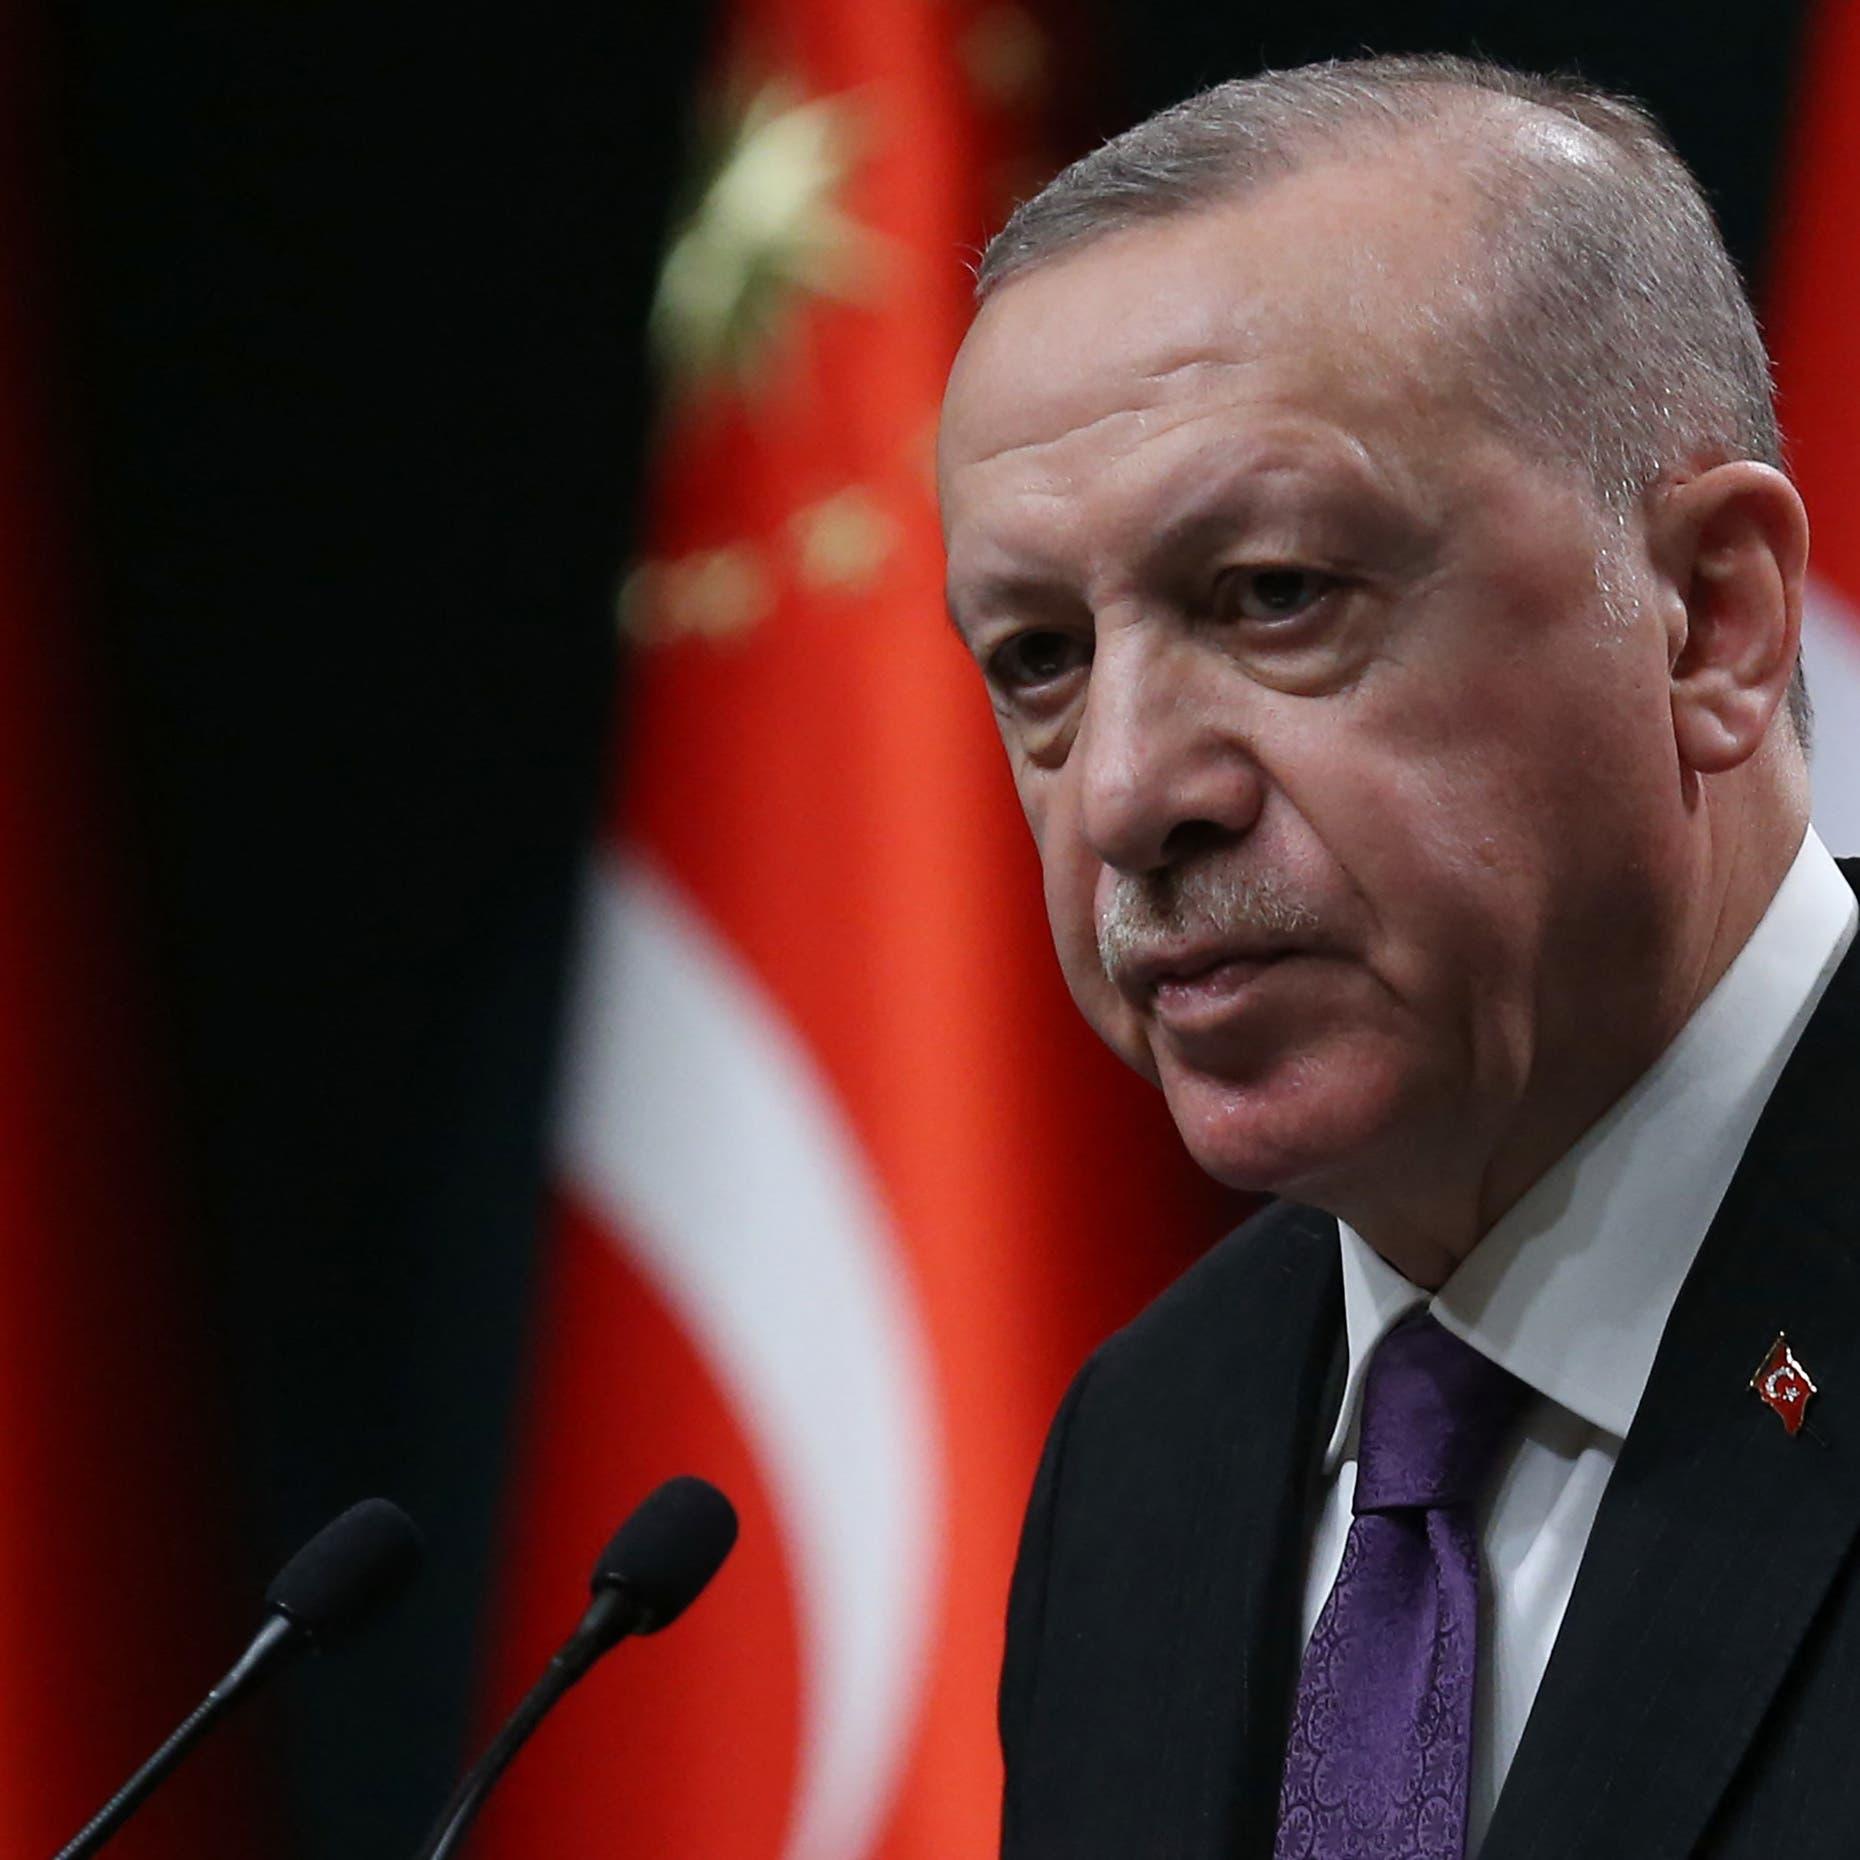 المعارضة التركية تحمل أردوغان المسؤولية عن انخفاض الليرة